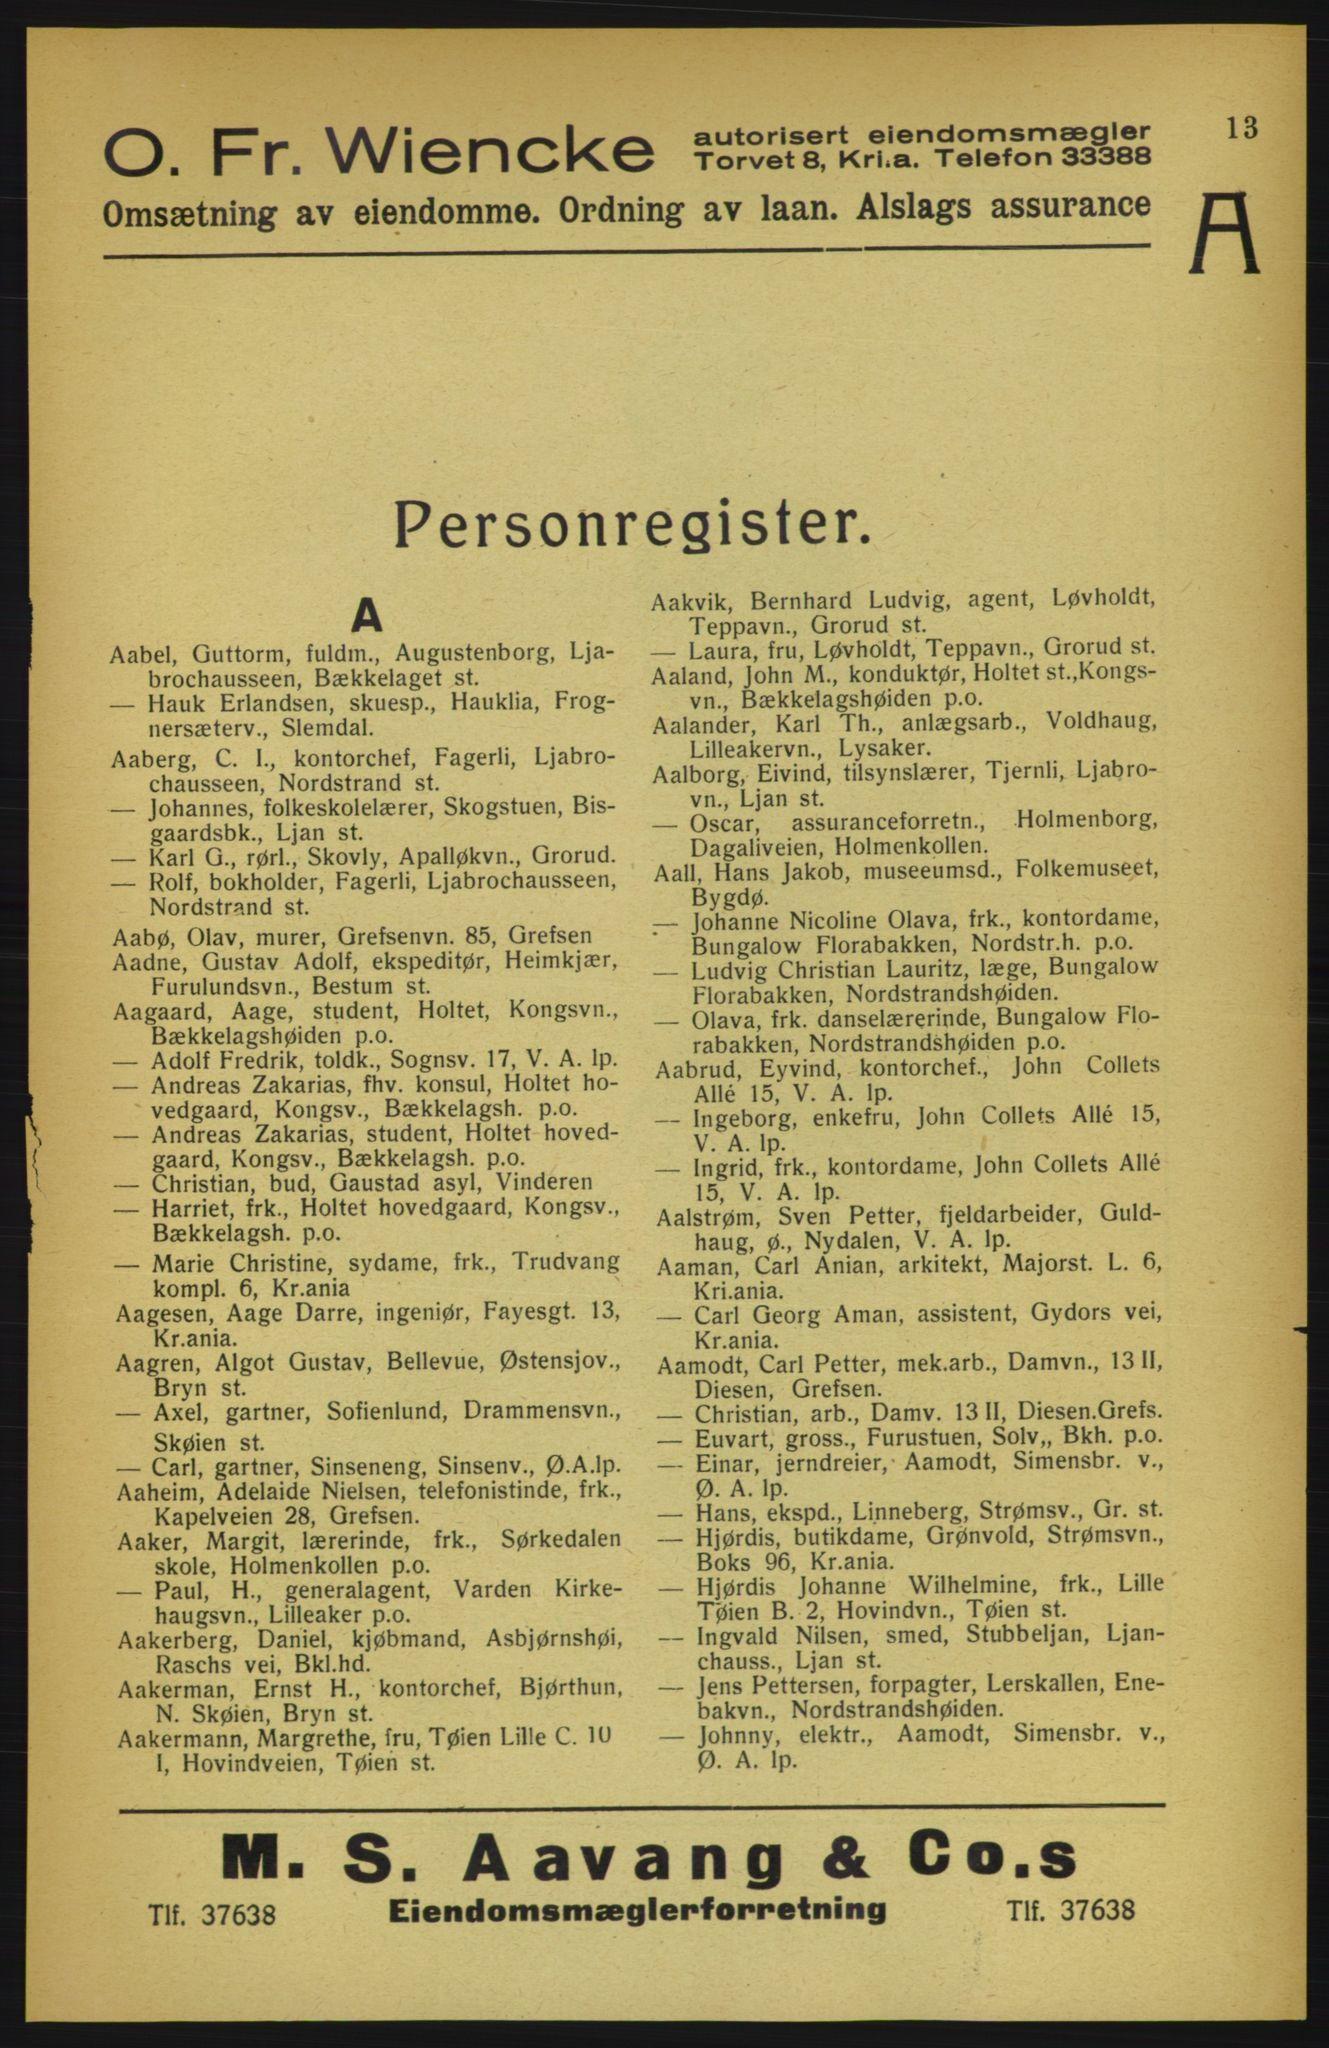 PUBL, Aker adressebok/adressekalender, 1922, p. 13